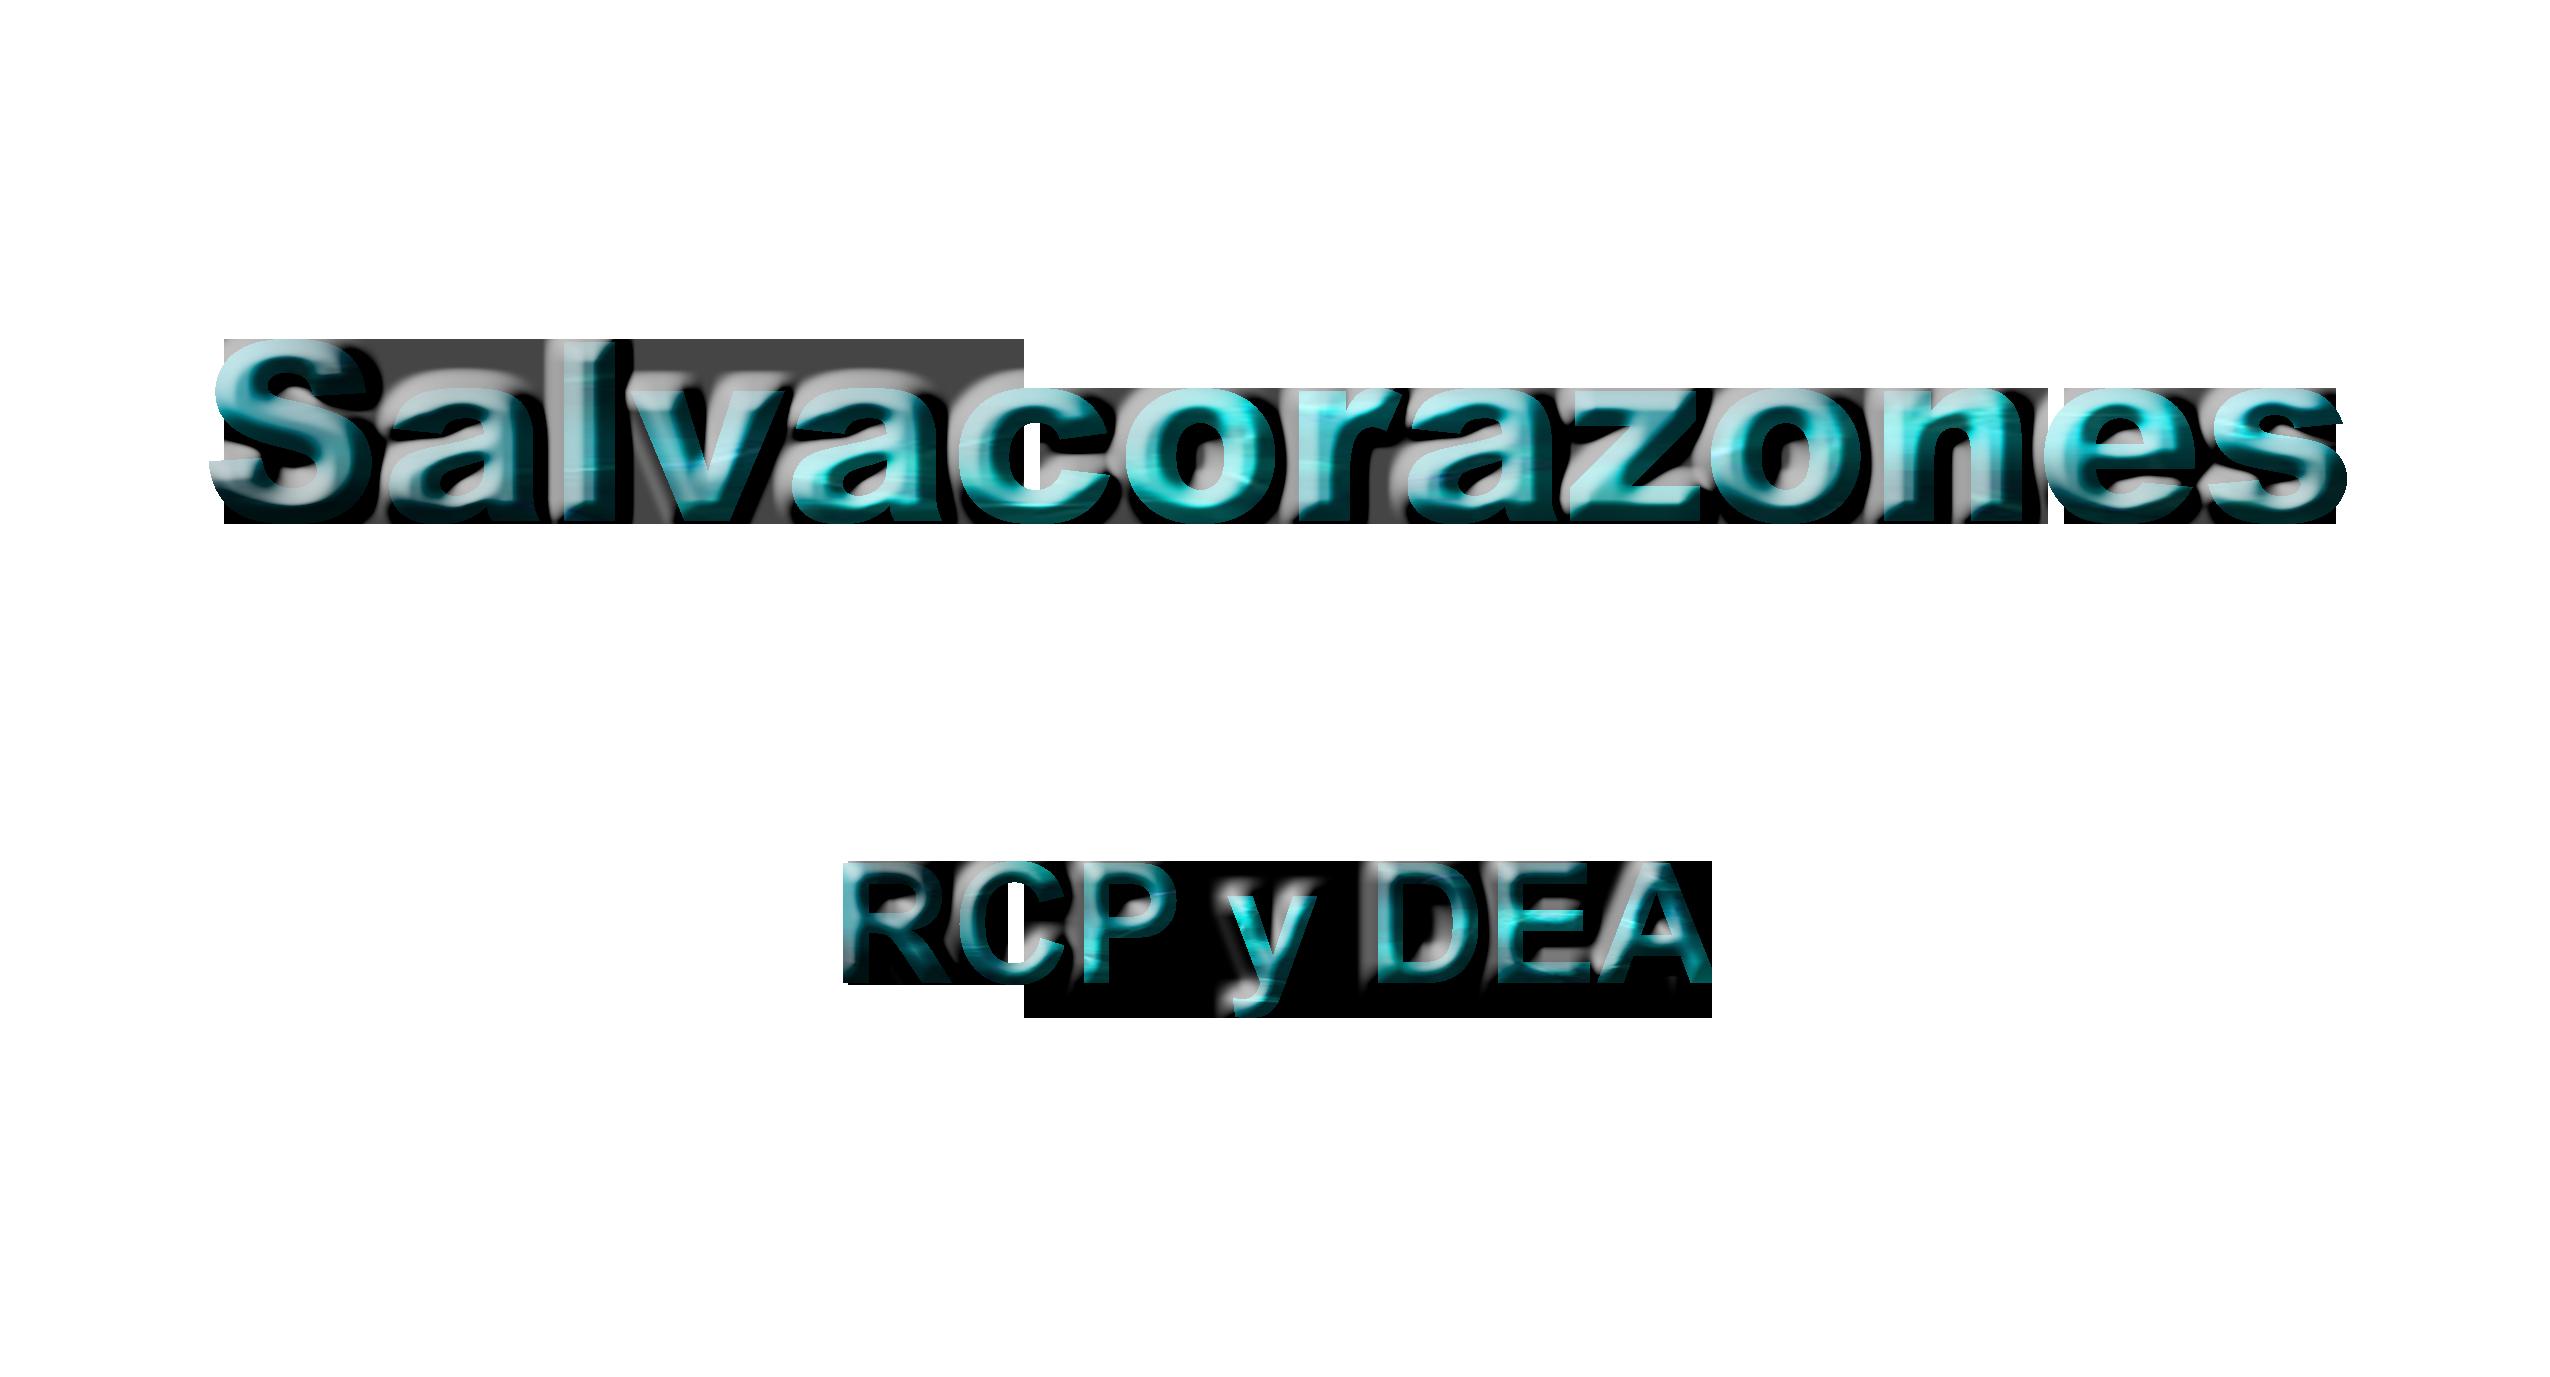 Salvacorazones RCP y DEA